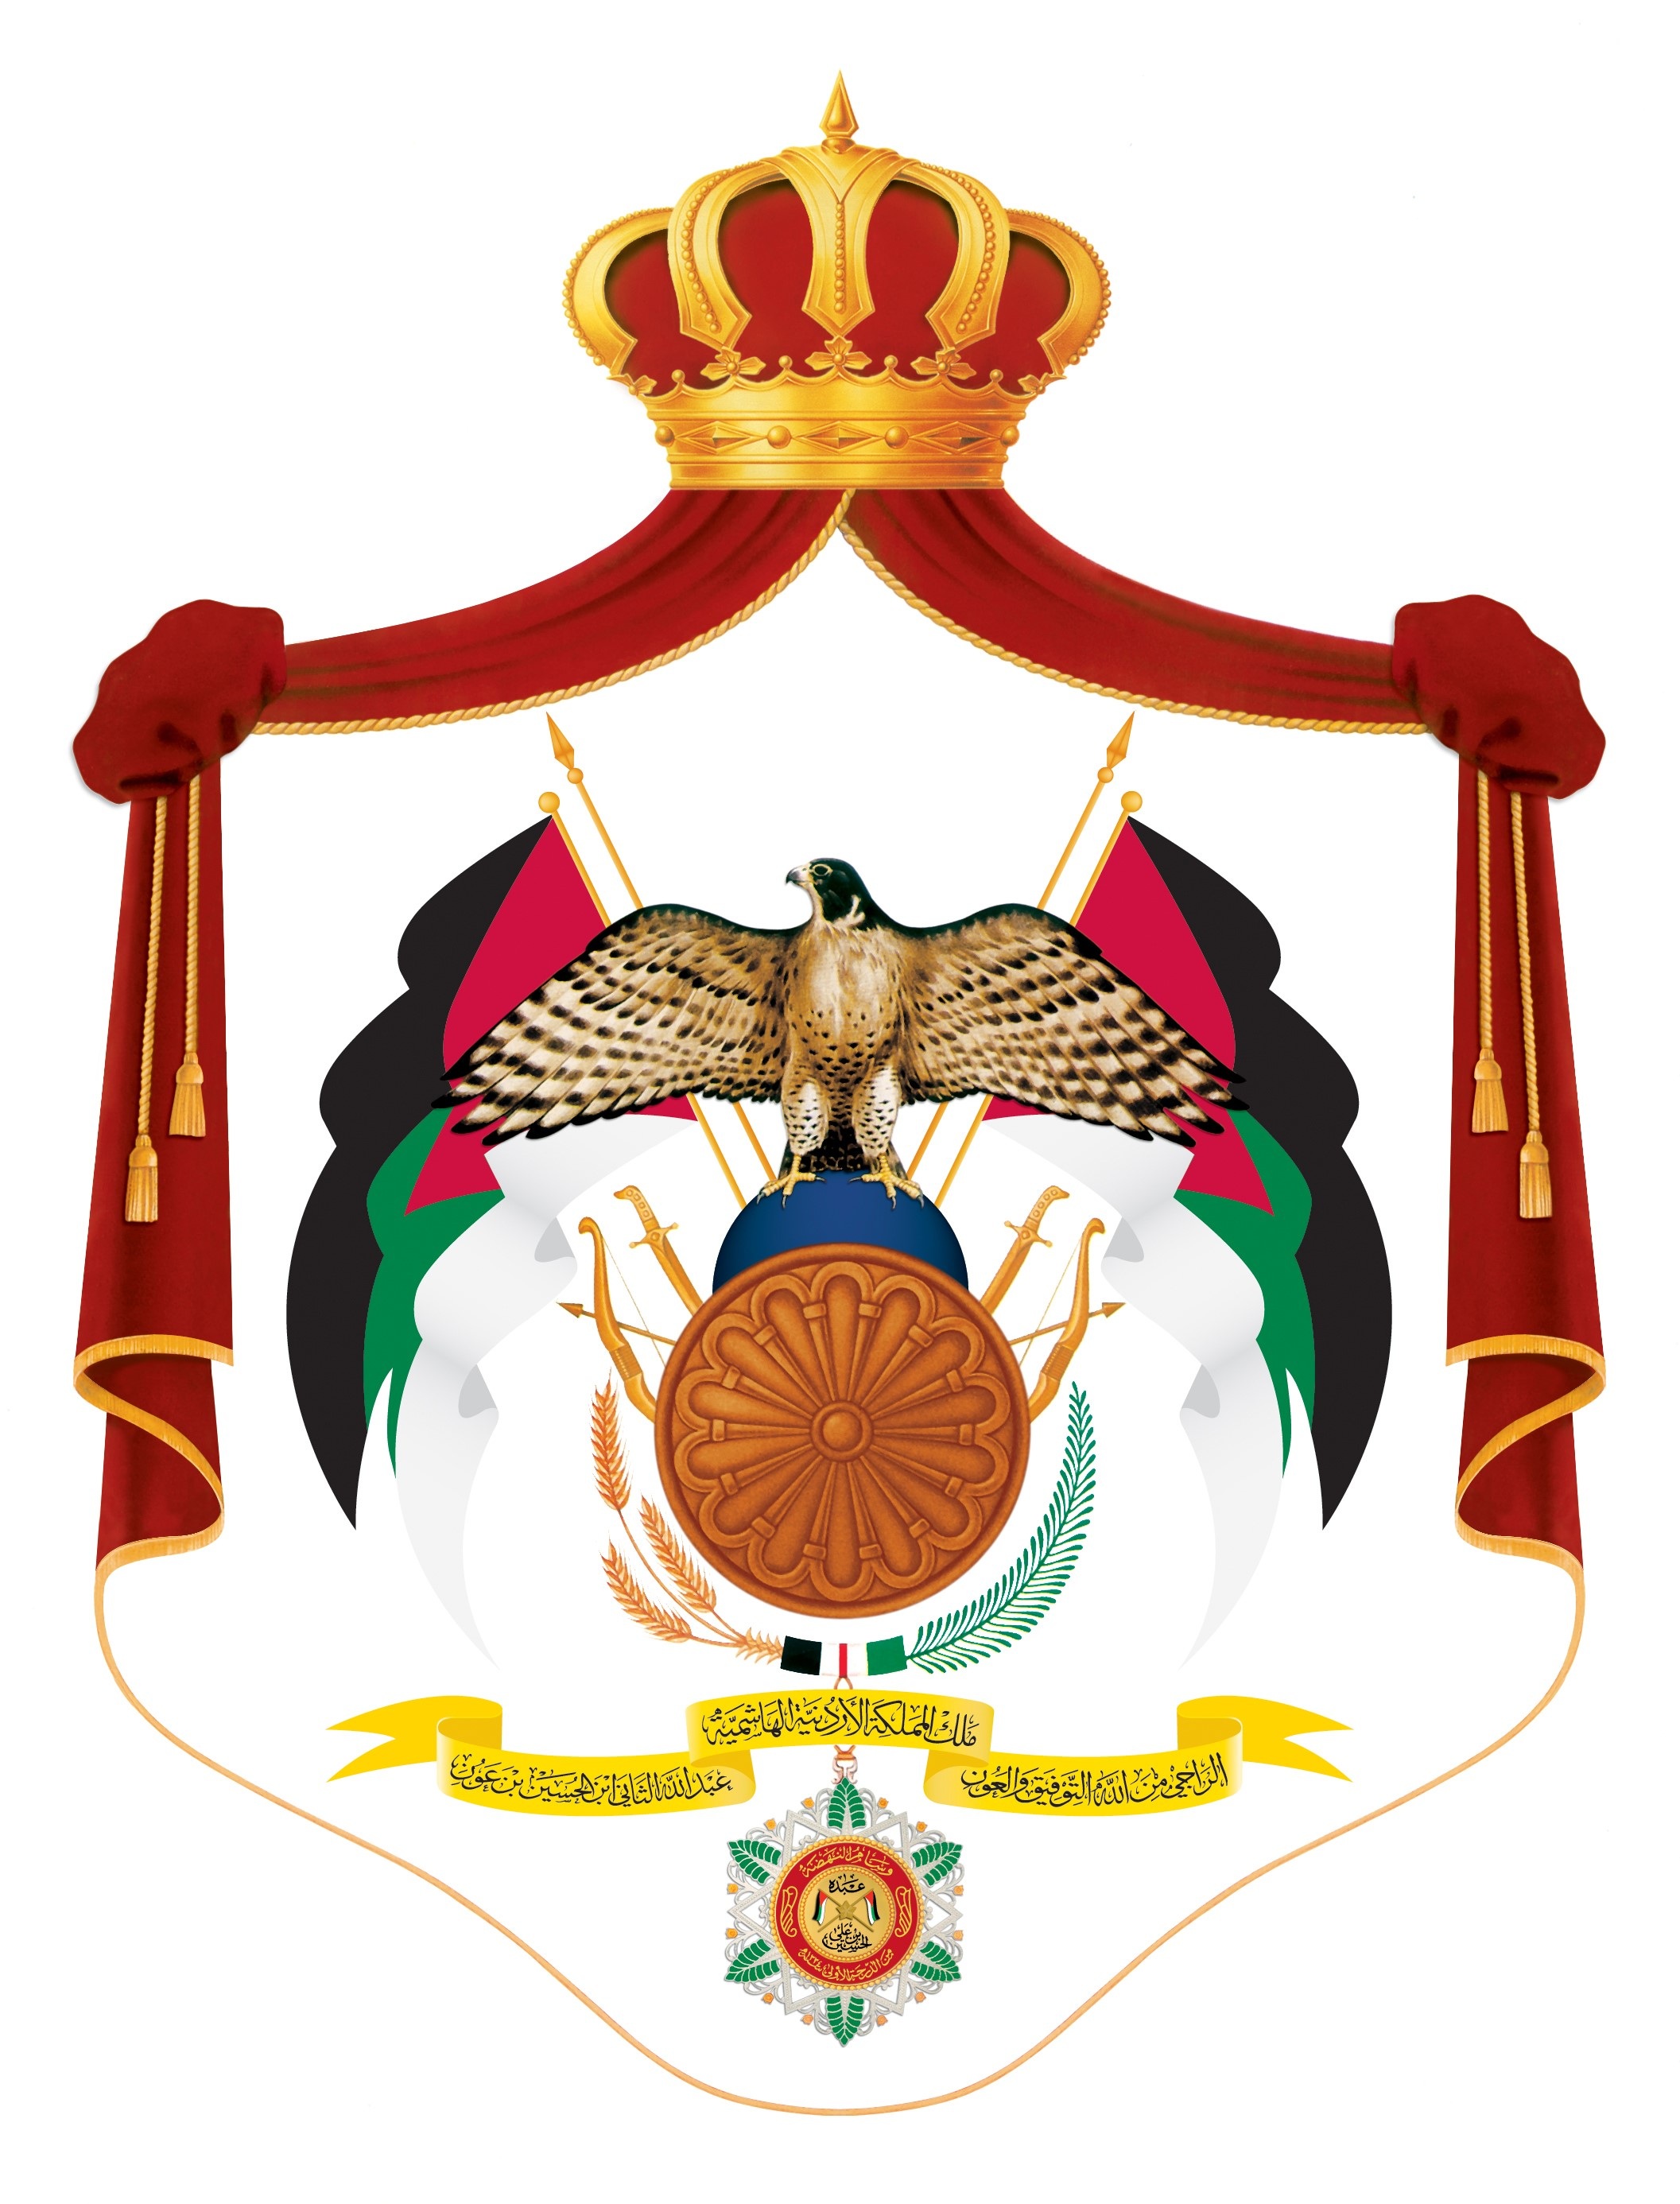 HKJ_emblem